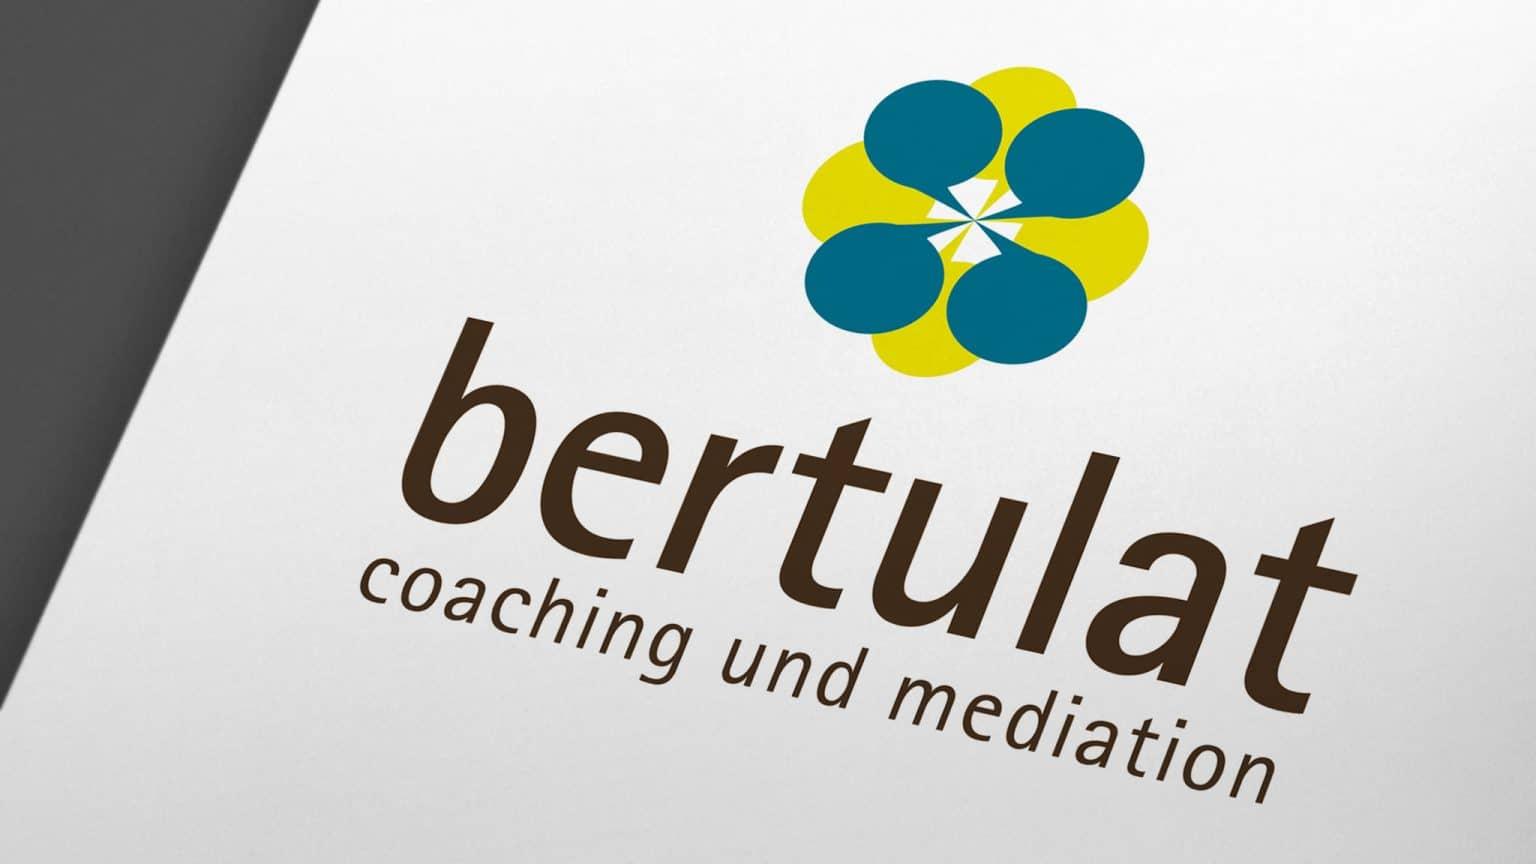 Logodesign für coaching und mediation